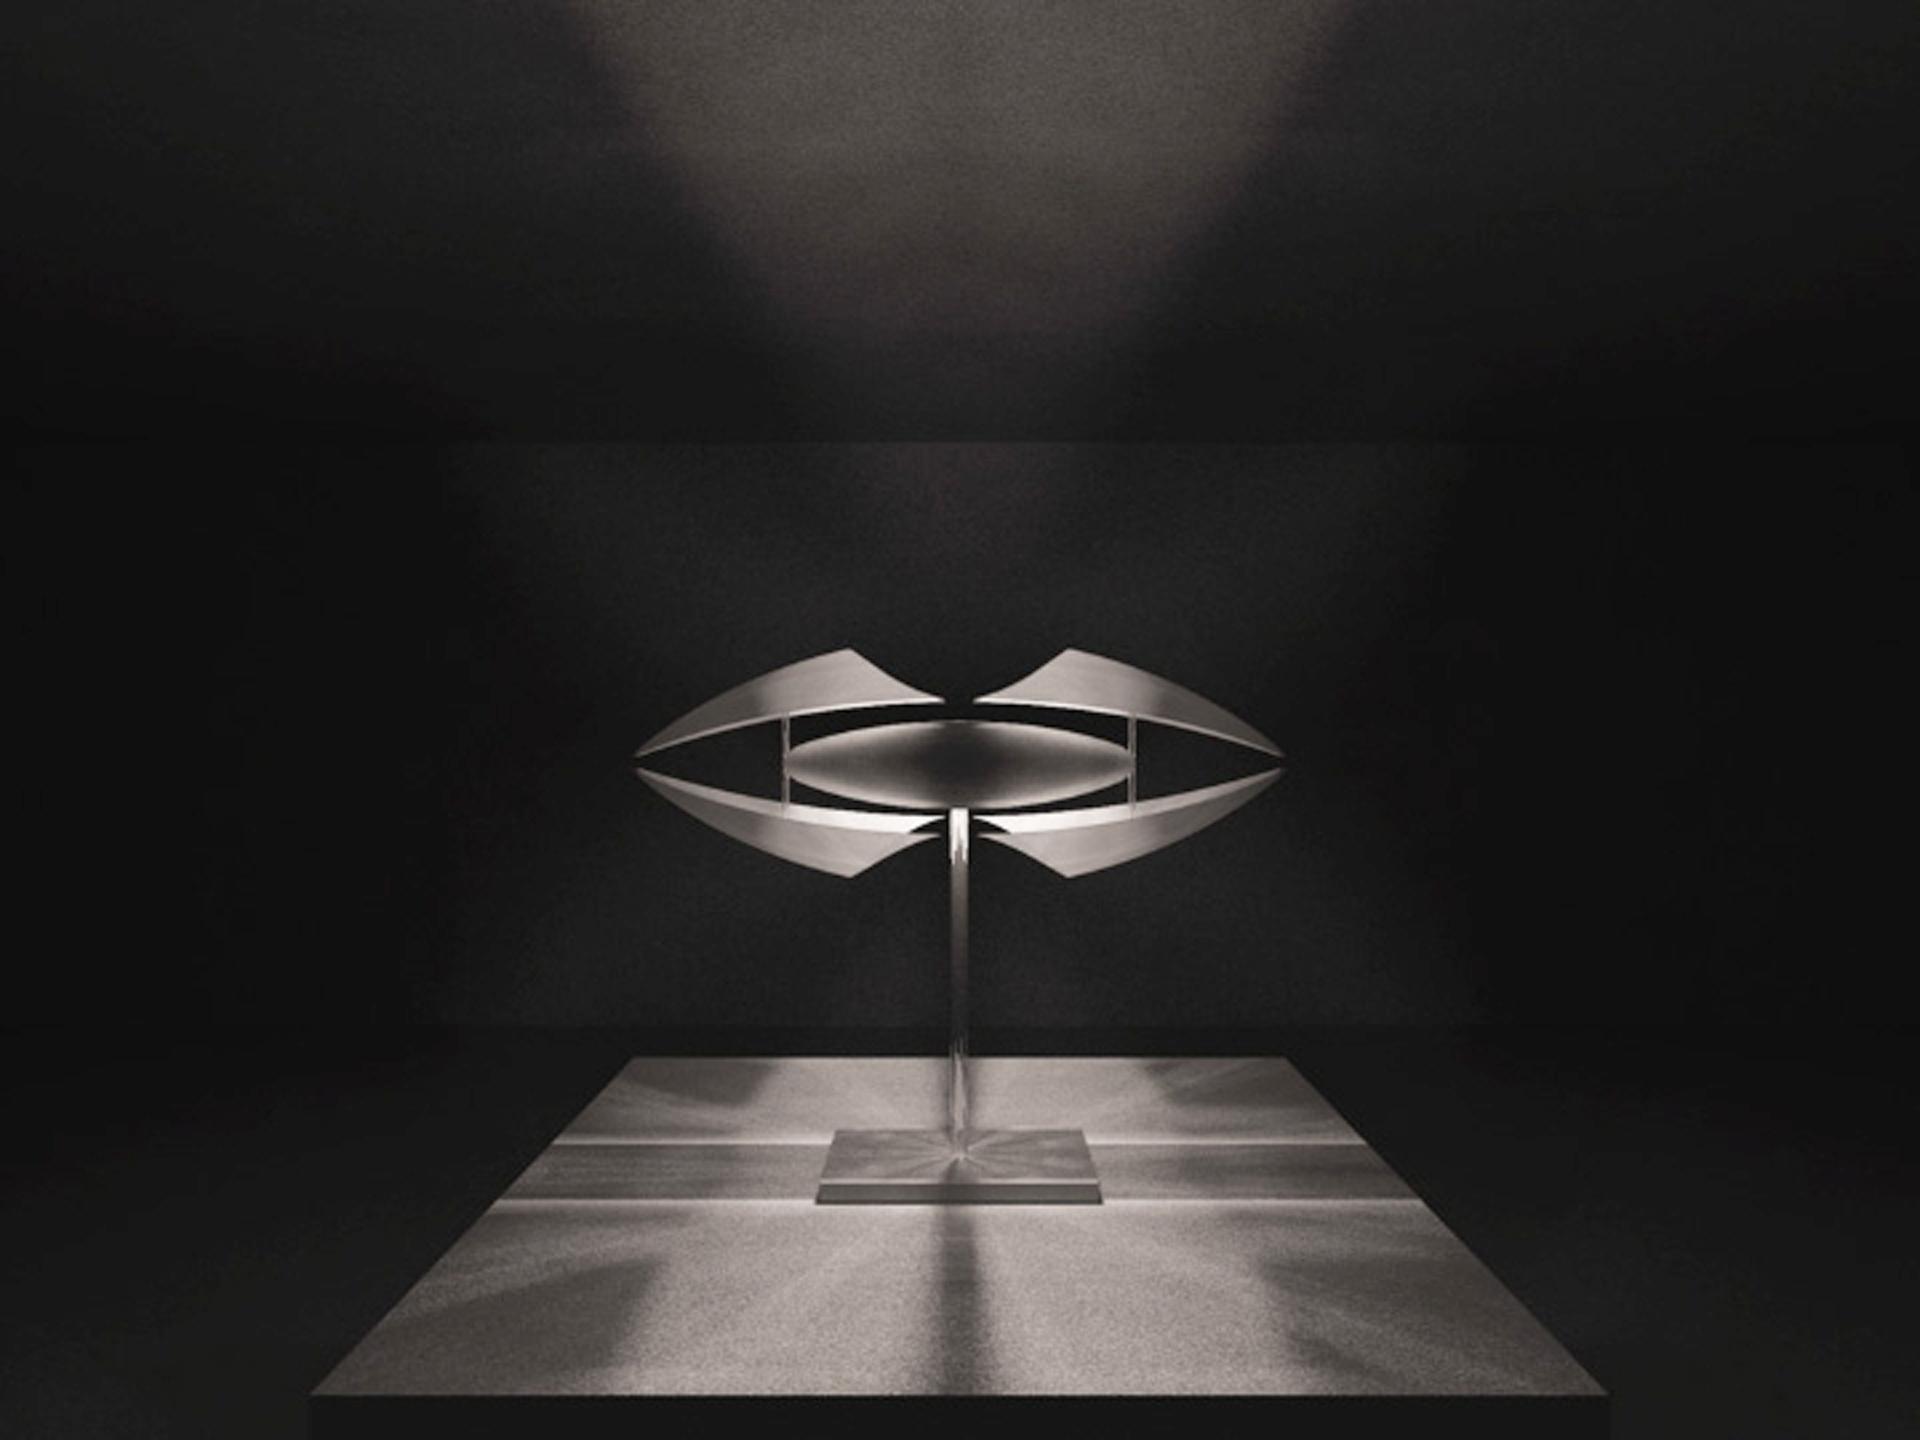 Table_Lamp_3_resized.jpg